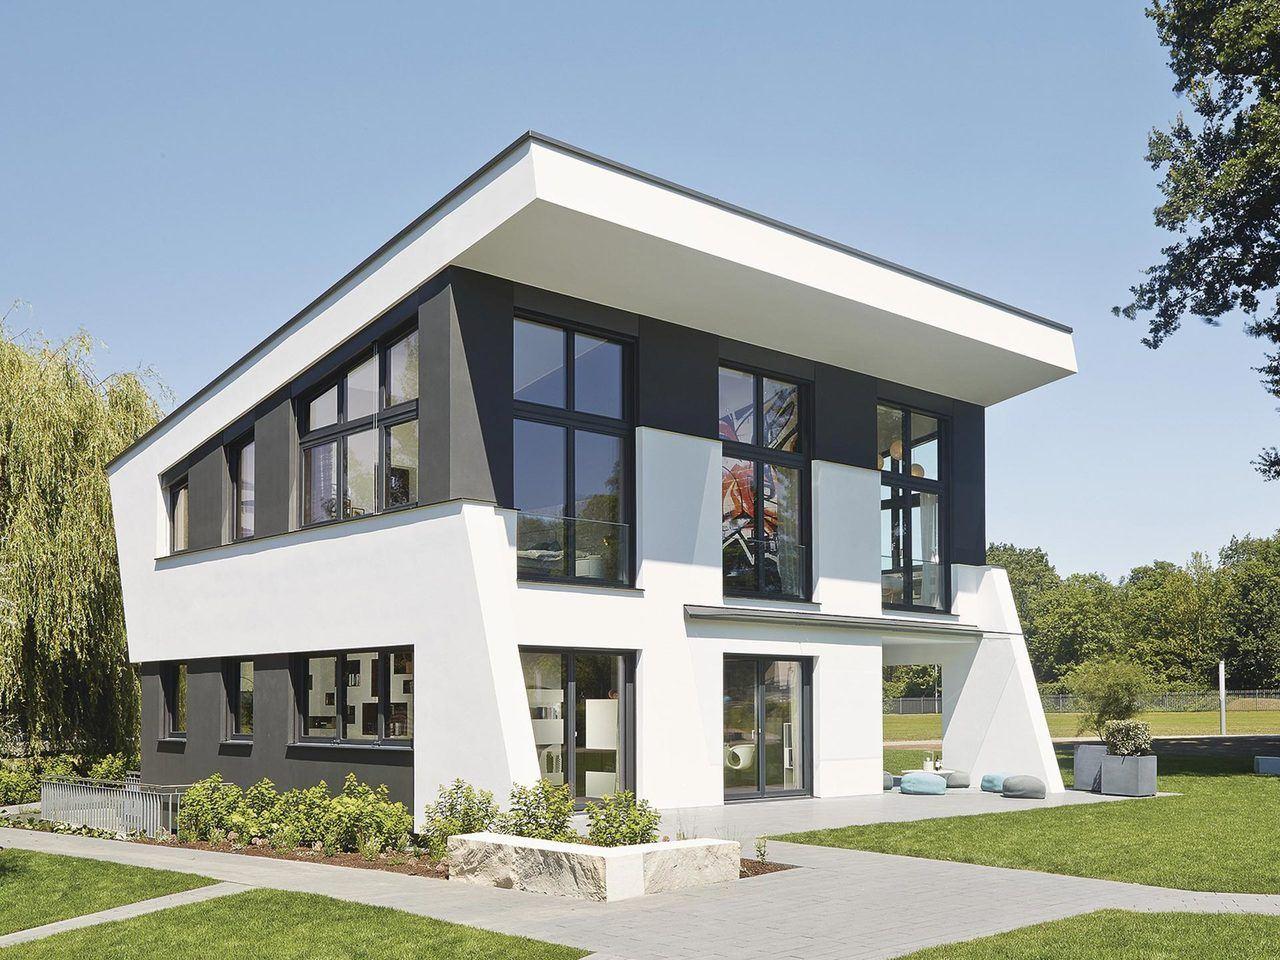 Ausstellungshaus Rheinau-Linx Jubiläumshaus Außenansicht